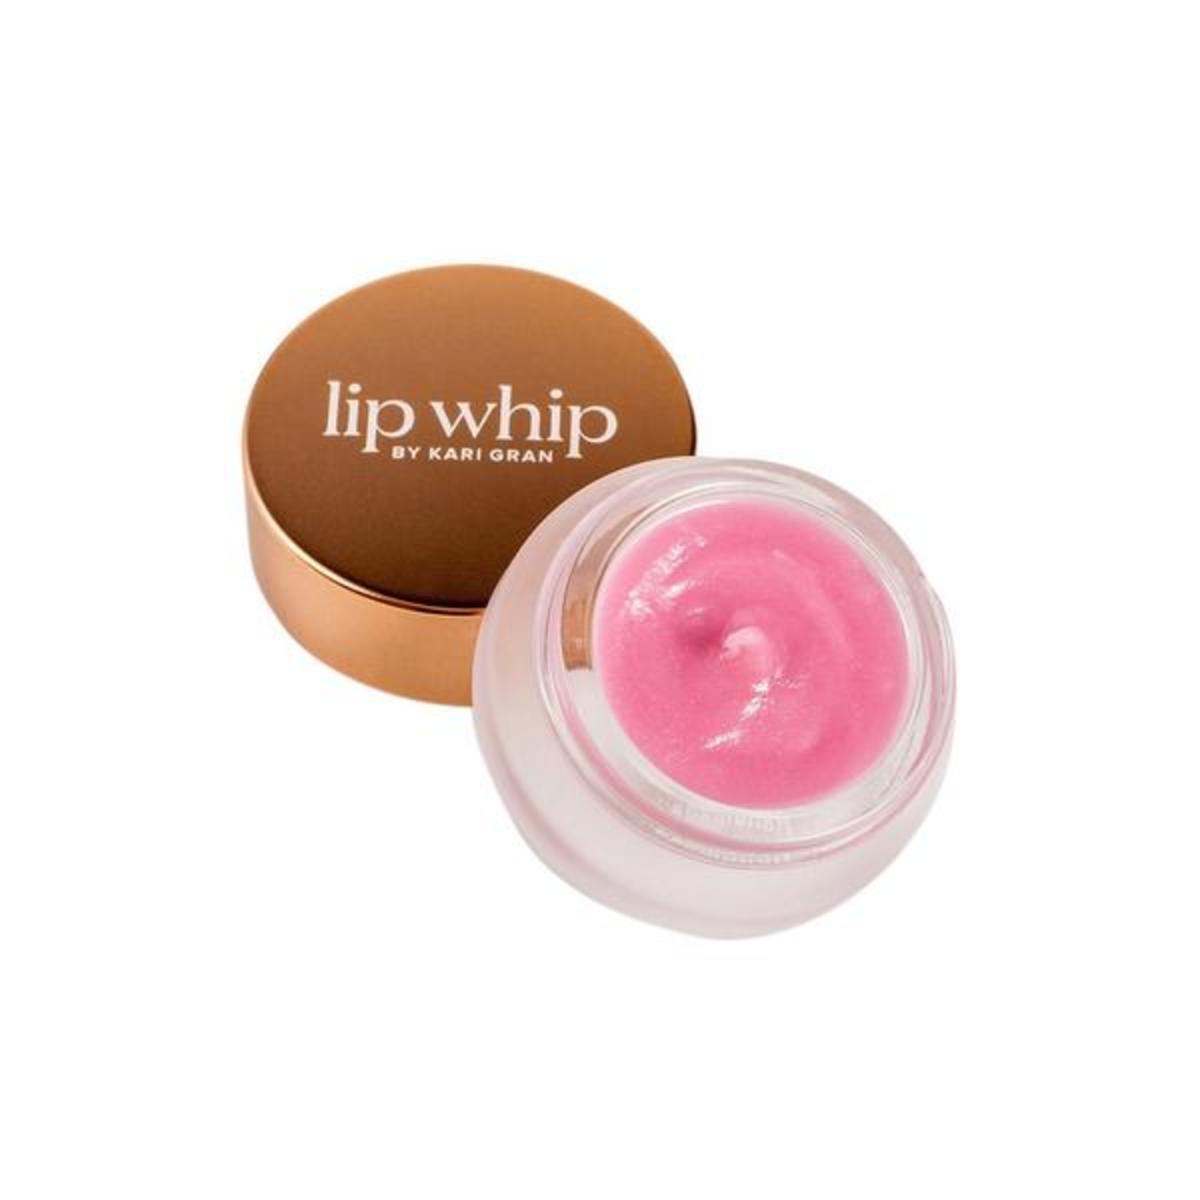 kari_gran_lip_whip_tinted_treatment_balm_at_credo_beauty_600x